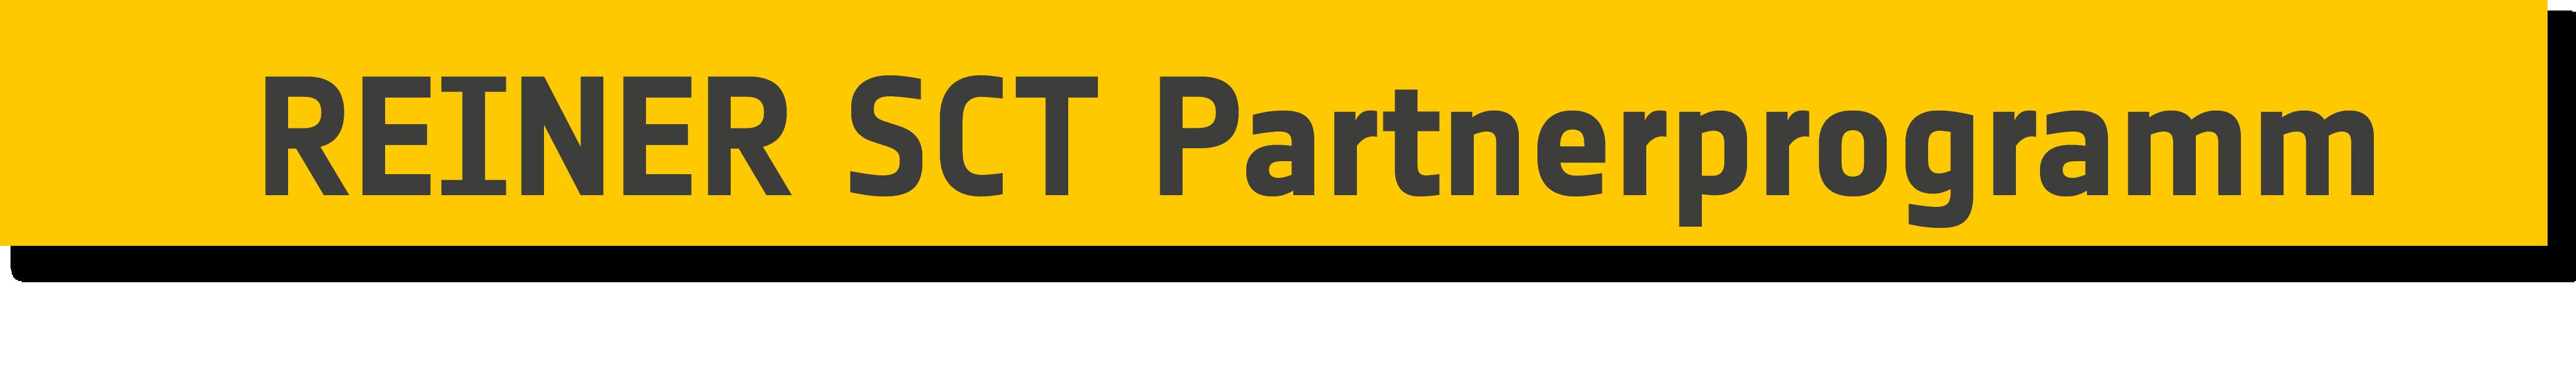 >>> REINER SCT Partnerprogramm